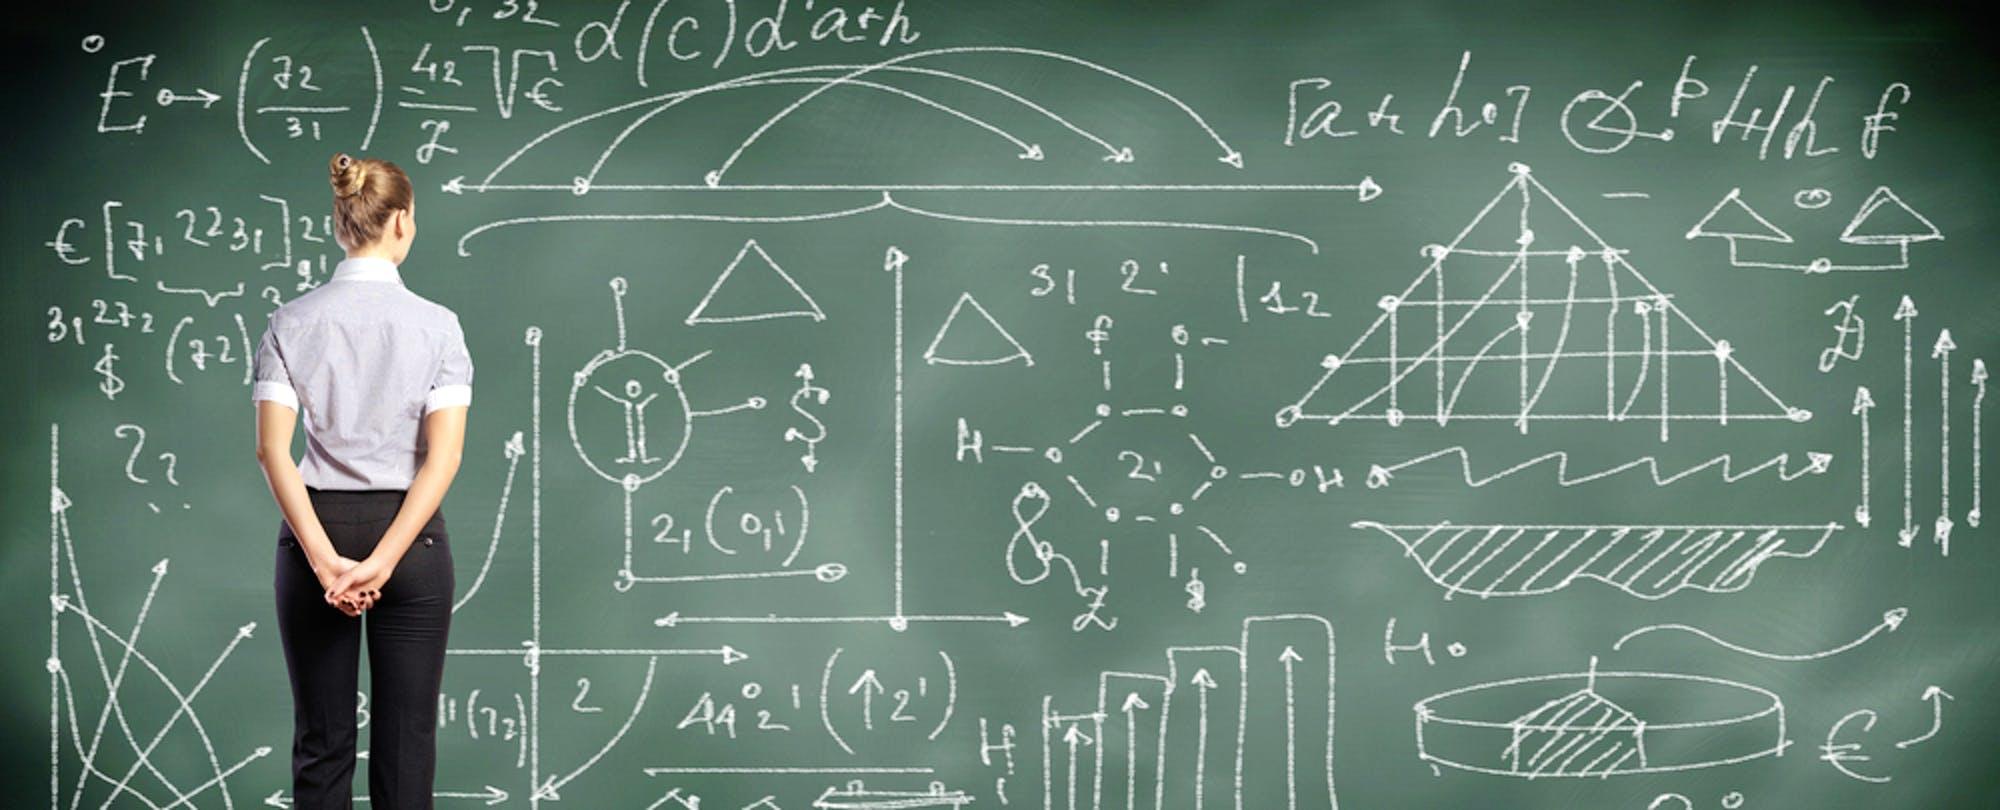 Making Sense of Metadata in Personalized Learning Platforms